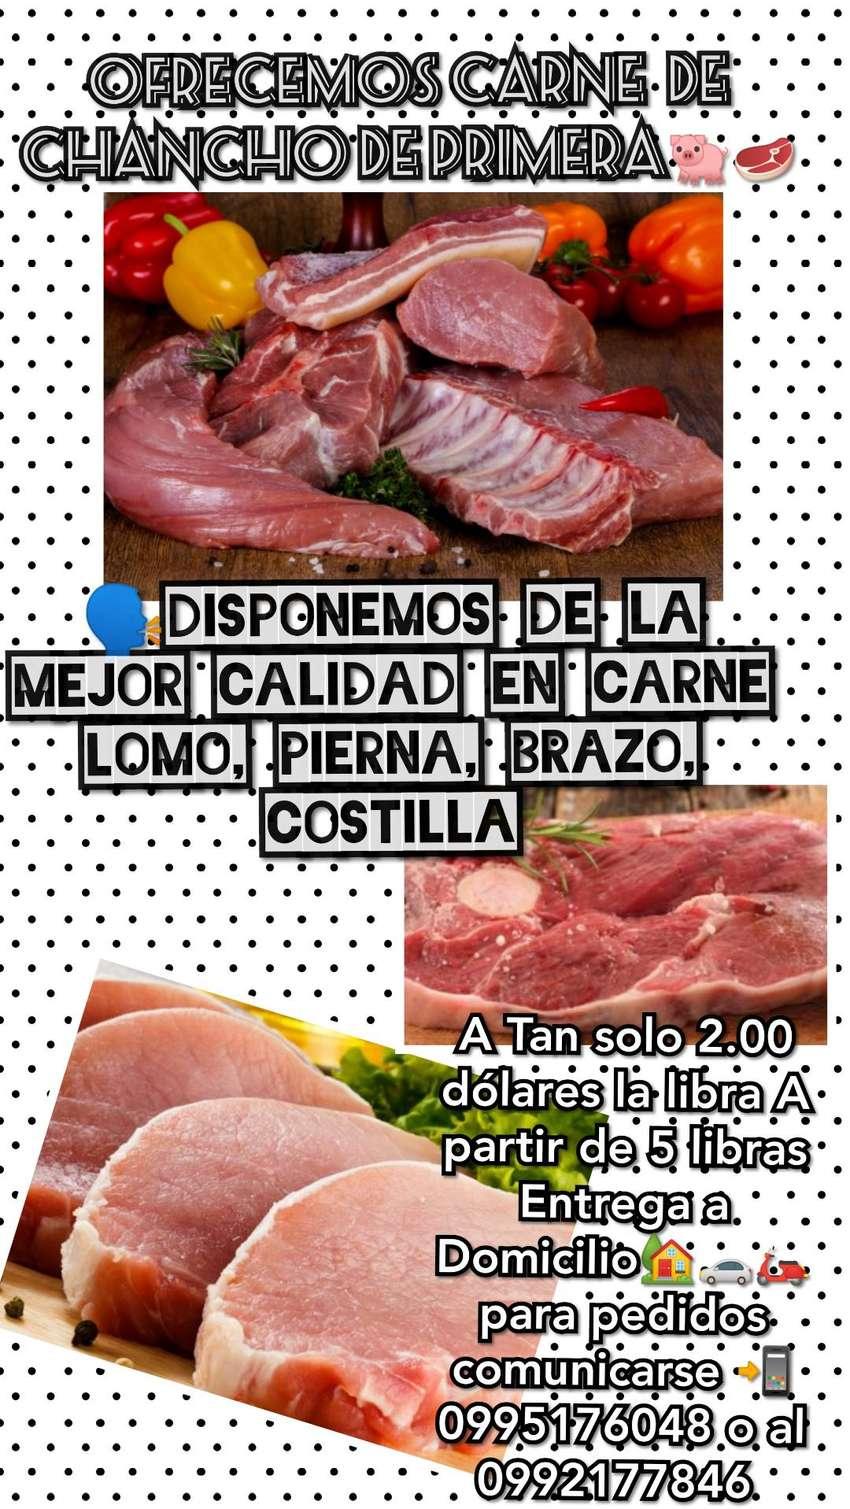 Vendo una deliciosa carne de Chancho a 2 dólares la libra A partir de 5 libras Entrega a Domicilio 0